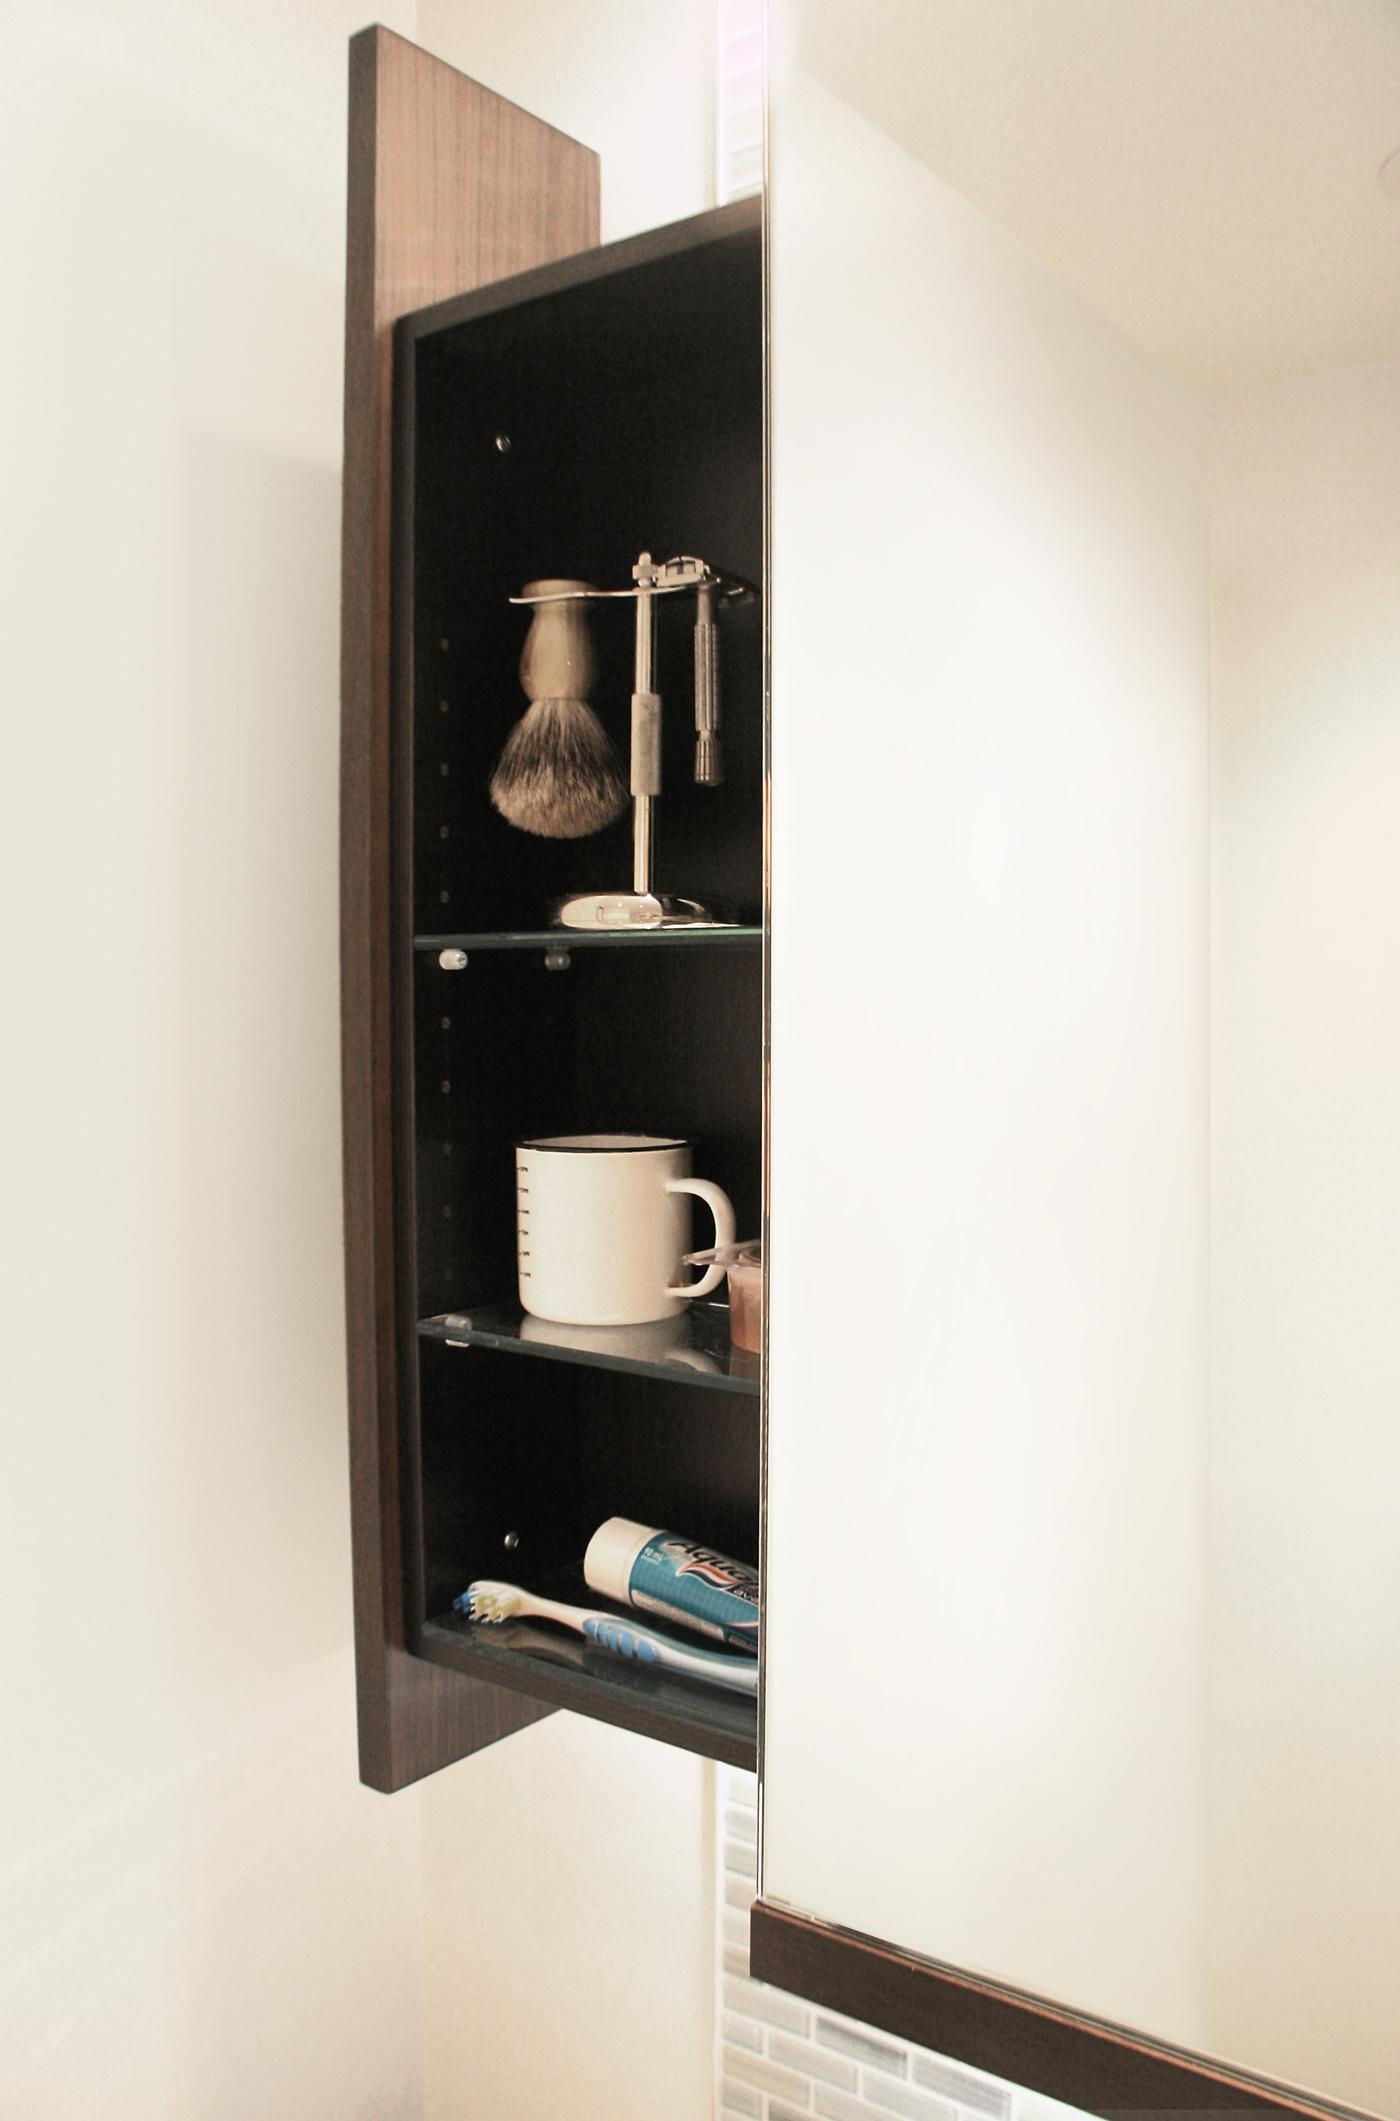 slide out medicine cabinet 1.jpg